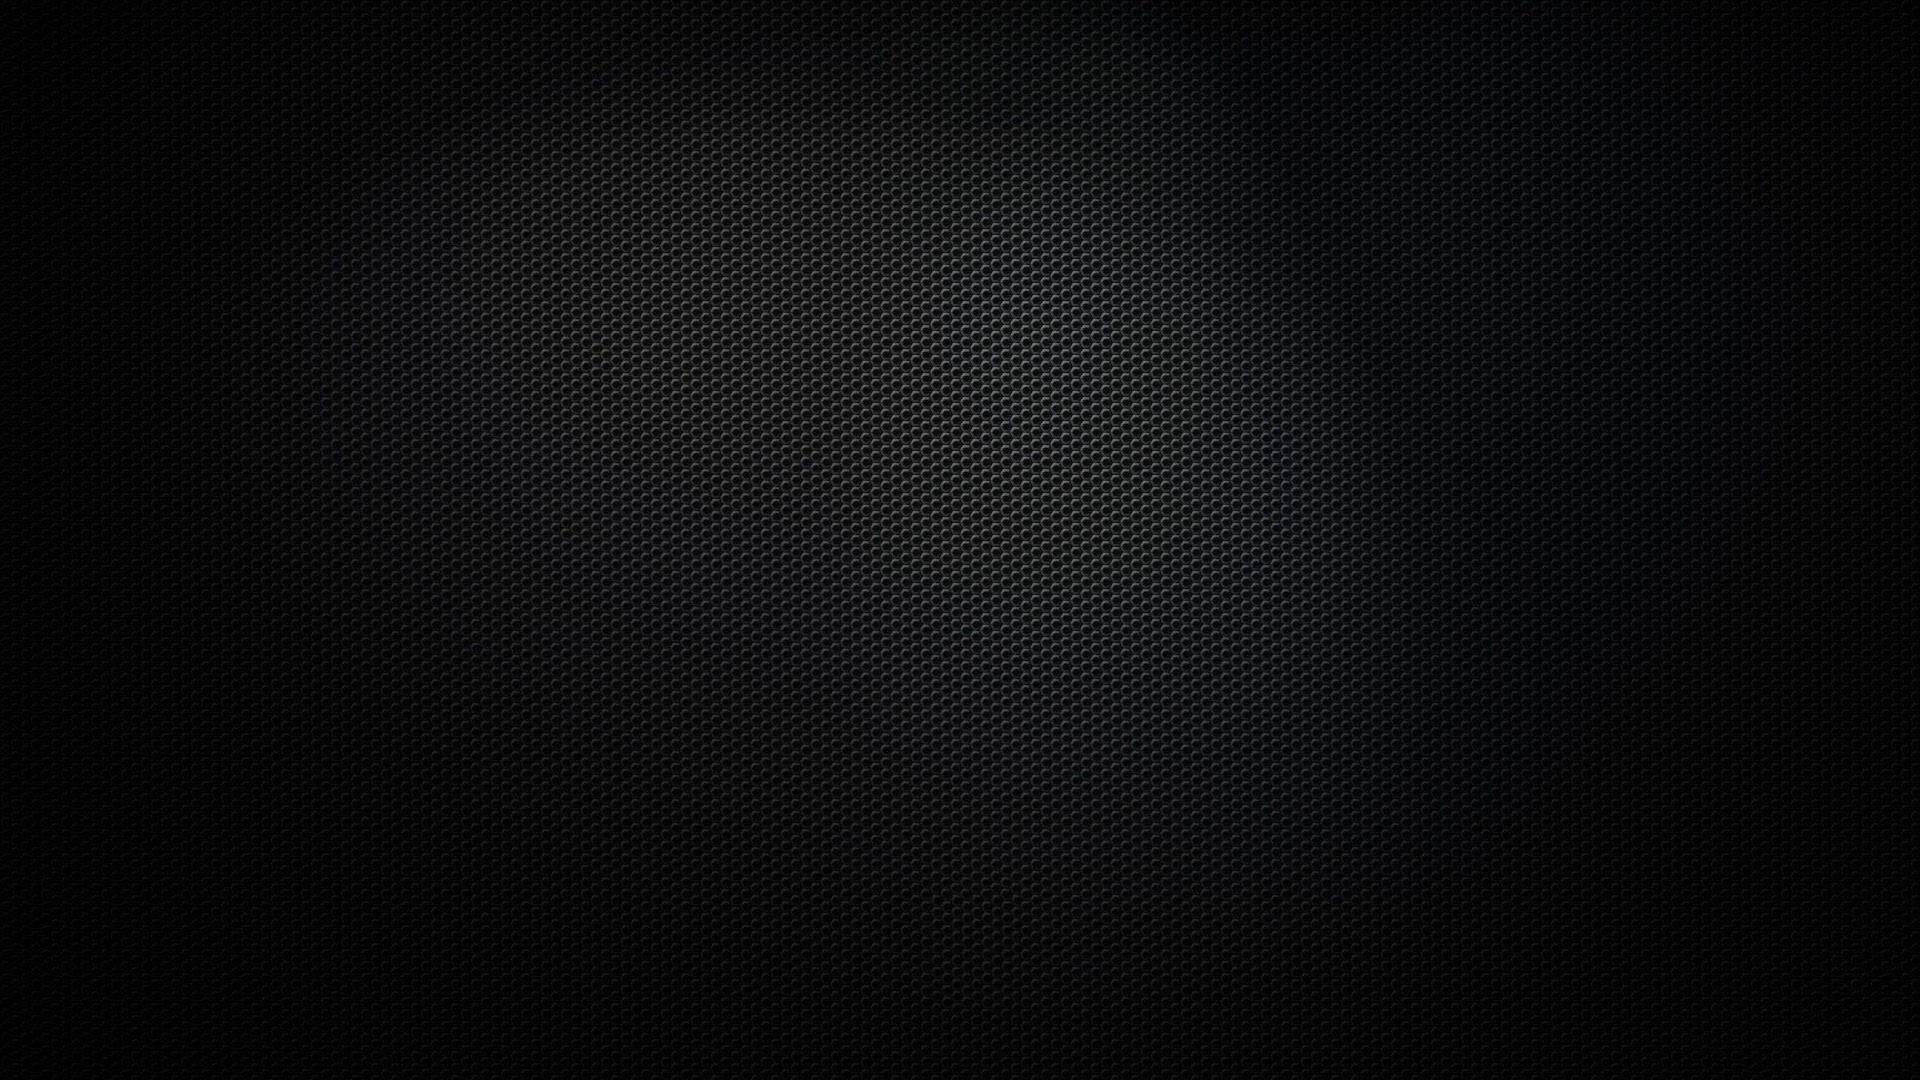 Black Background Wallpaper - WallpaperSafari